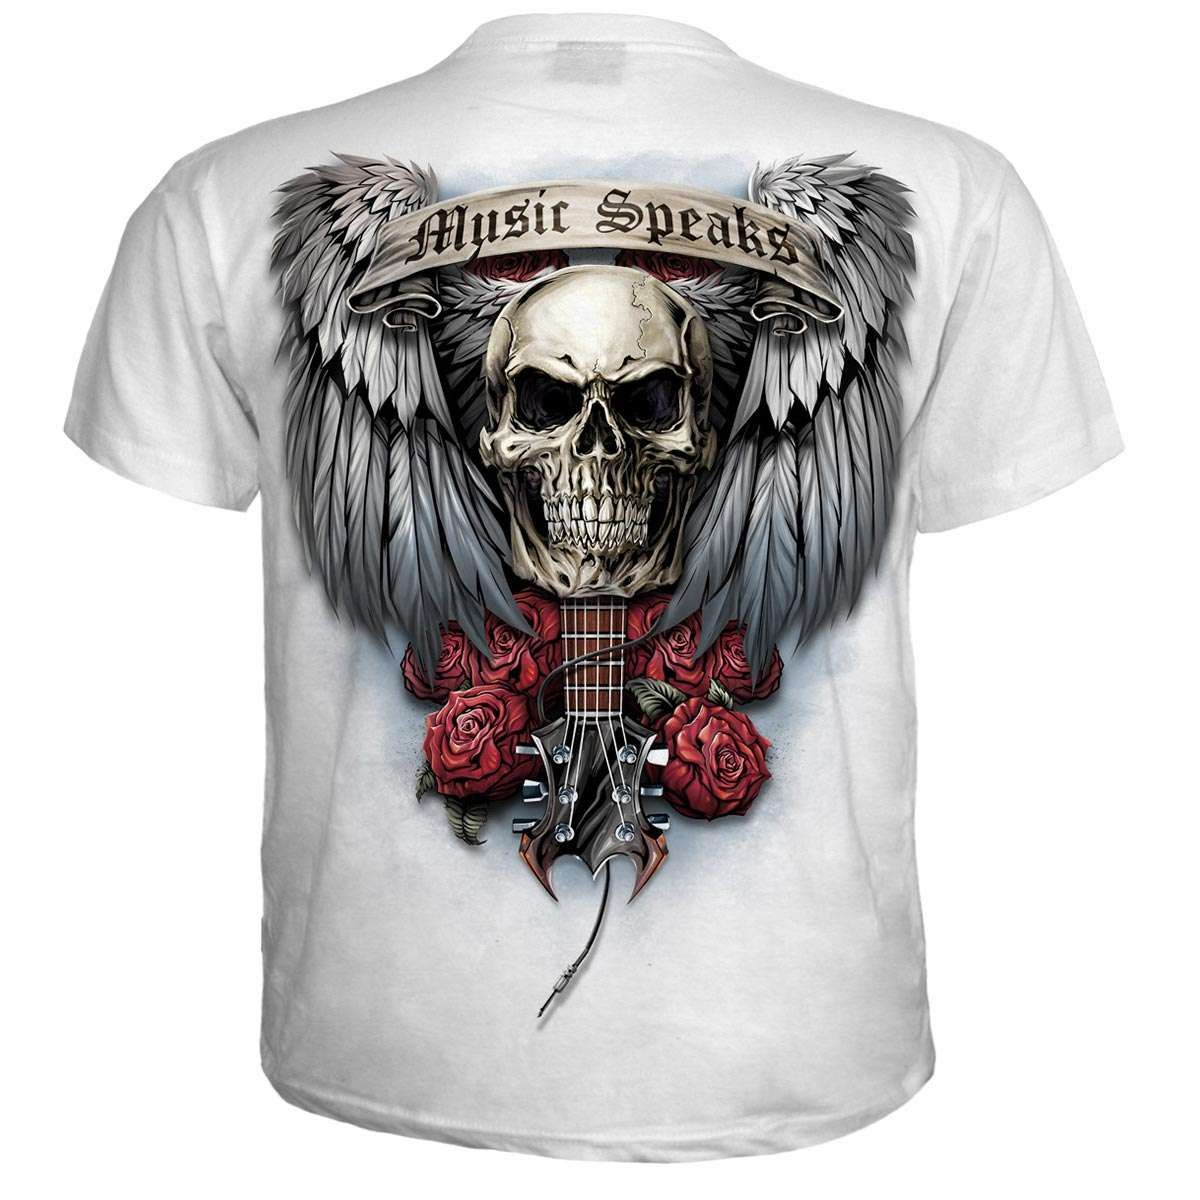 sale retailer 519c9 c6463 Spiral T-Shirt im Metal Style - Unspoken white in 2019 | T ...